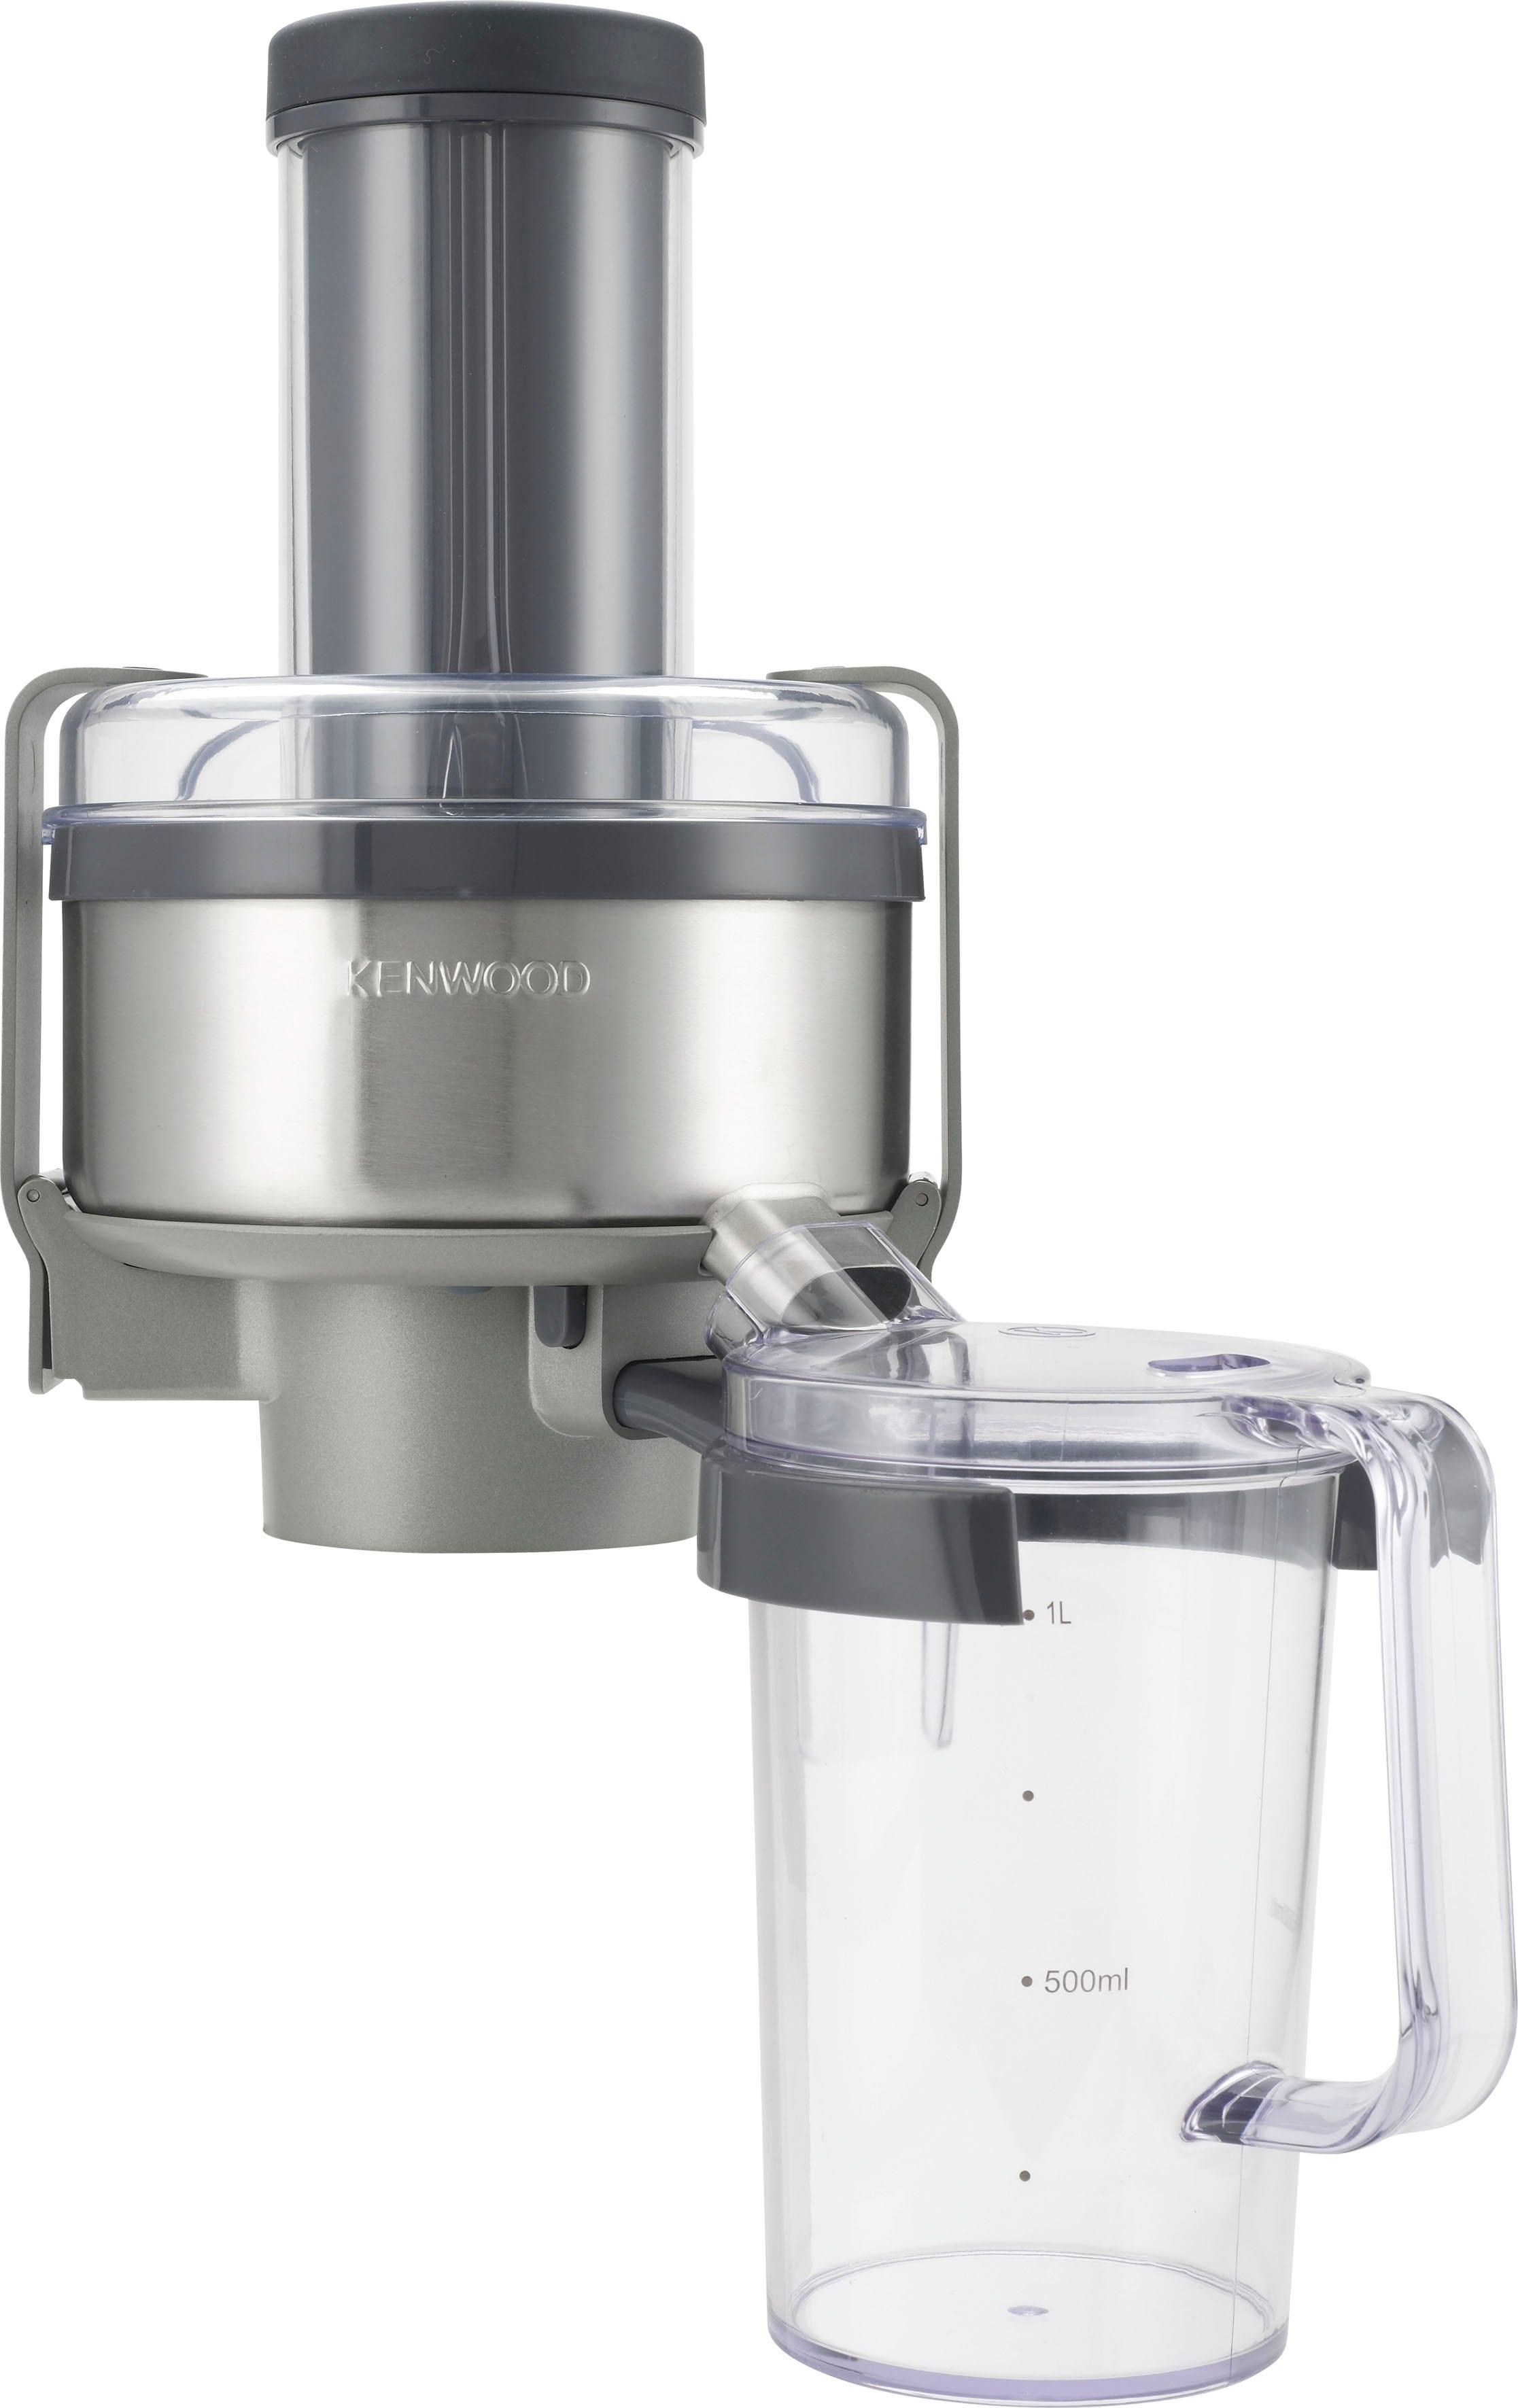 KENWOOD Entsafteraufsatz AT641 weiß Küchenmaschinen SOFORT LIEFERBARE Haushaltsgeräte